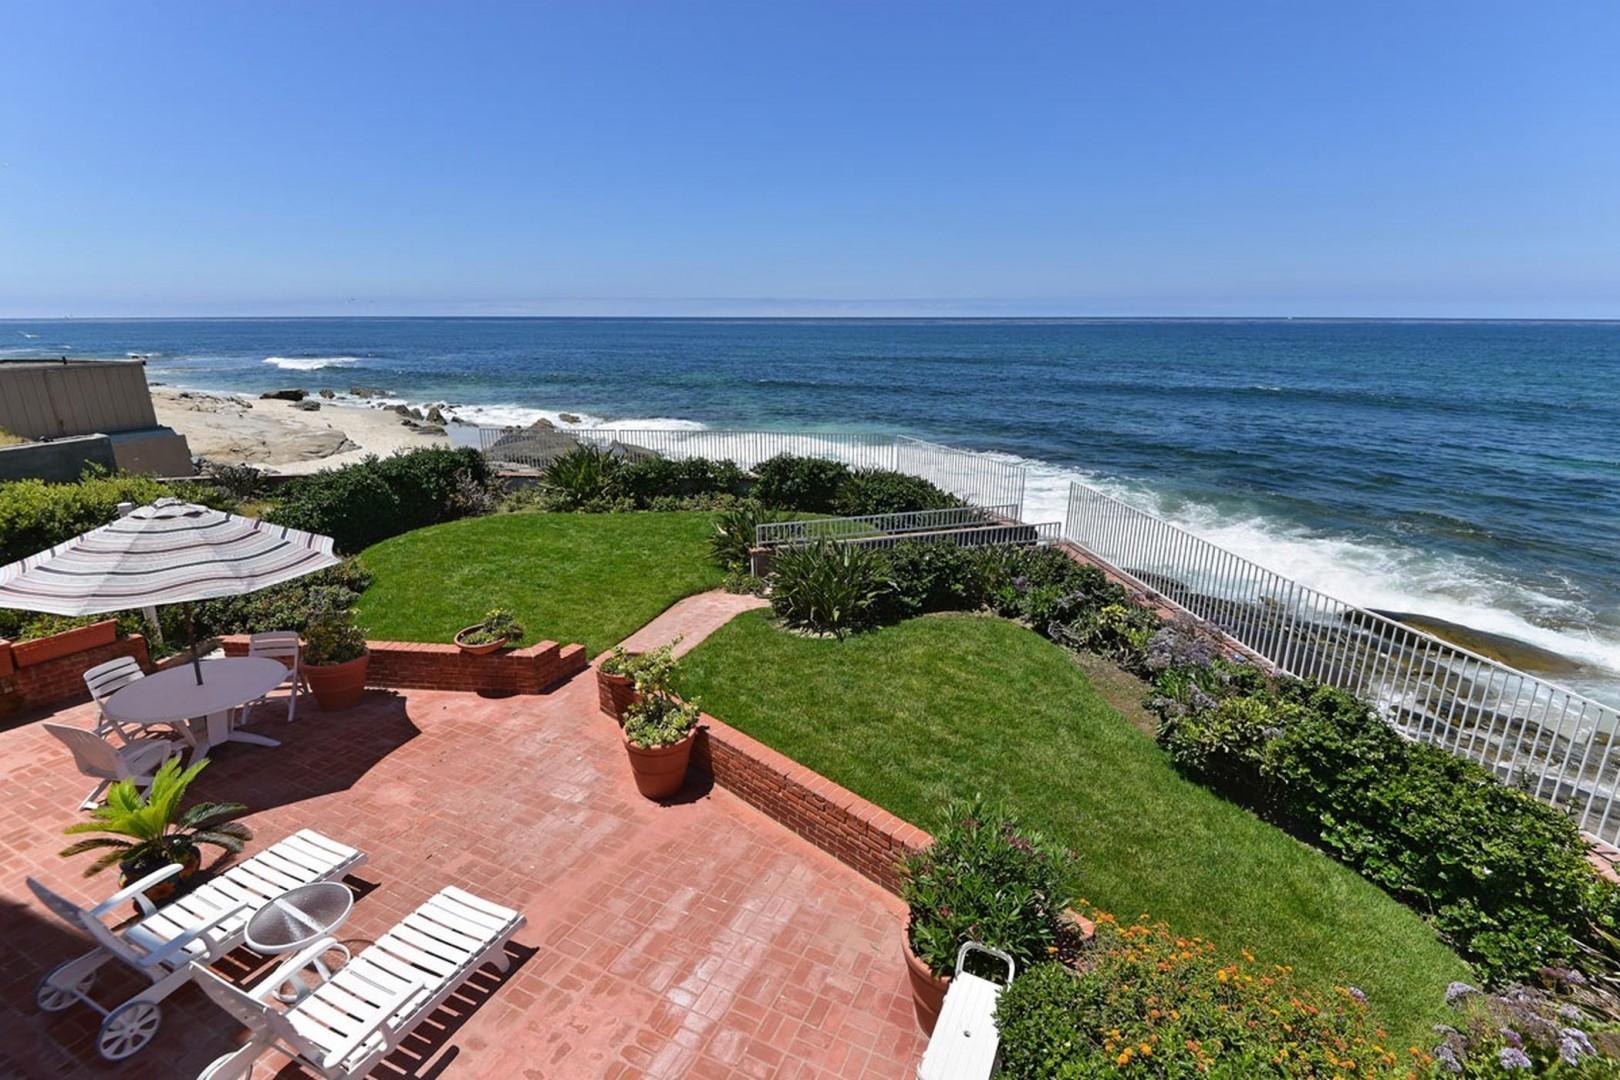 Backyard overlooking the coast